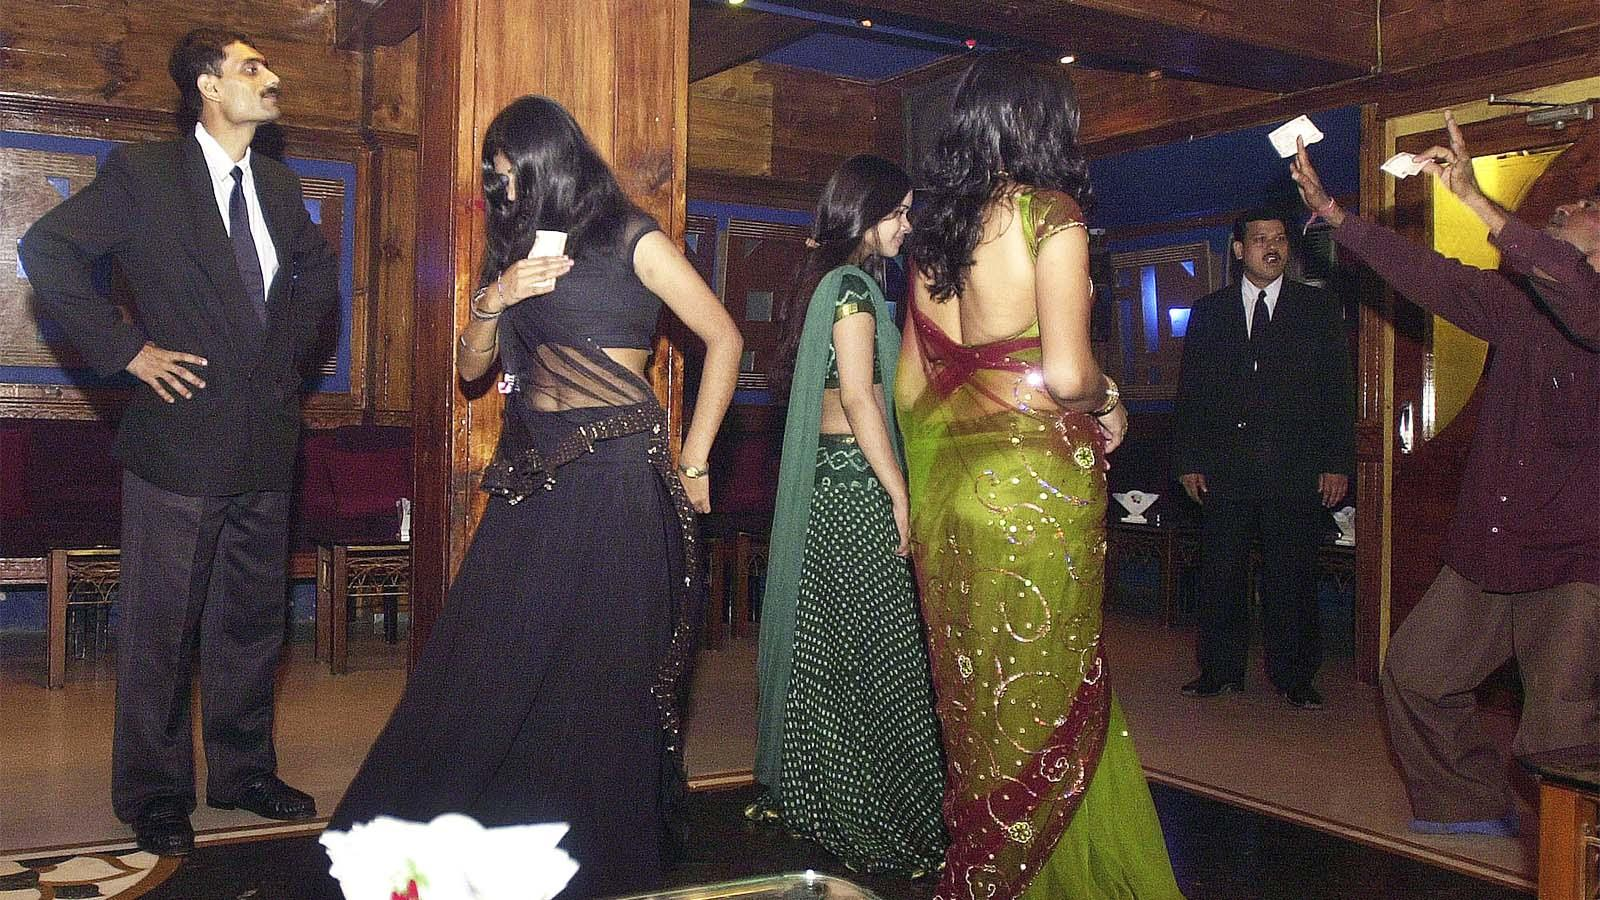 A dance bar in Mumbai before the ban